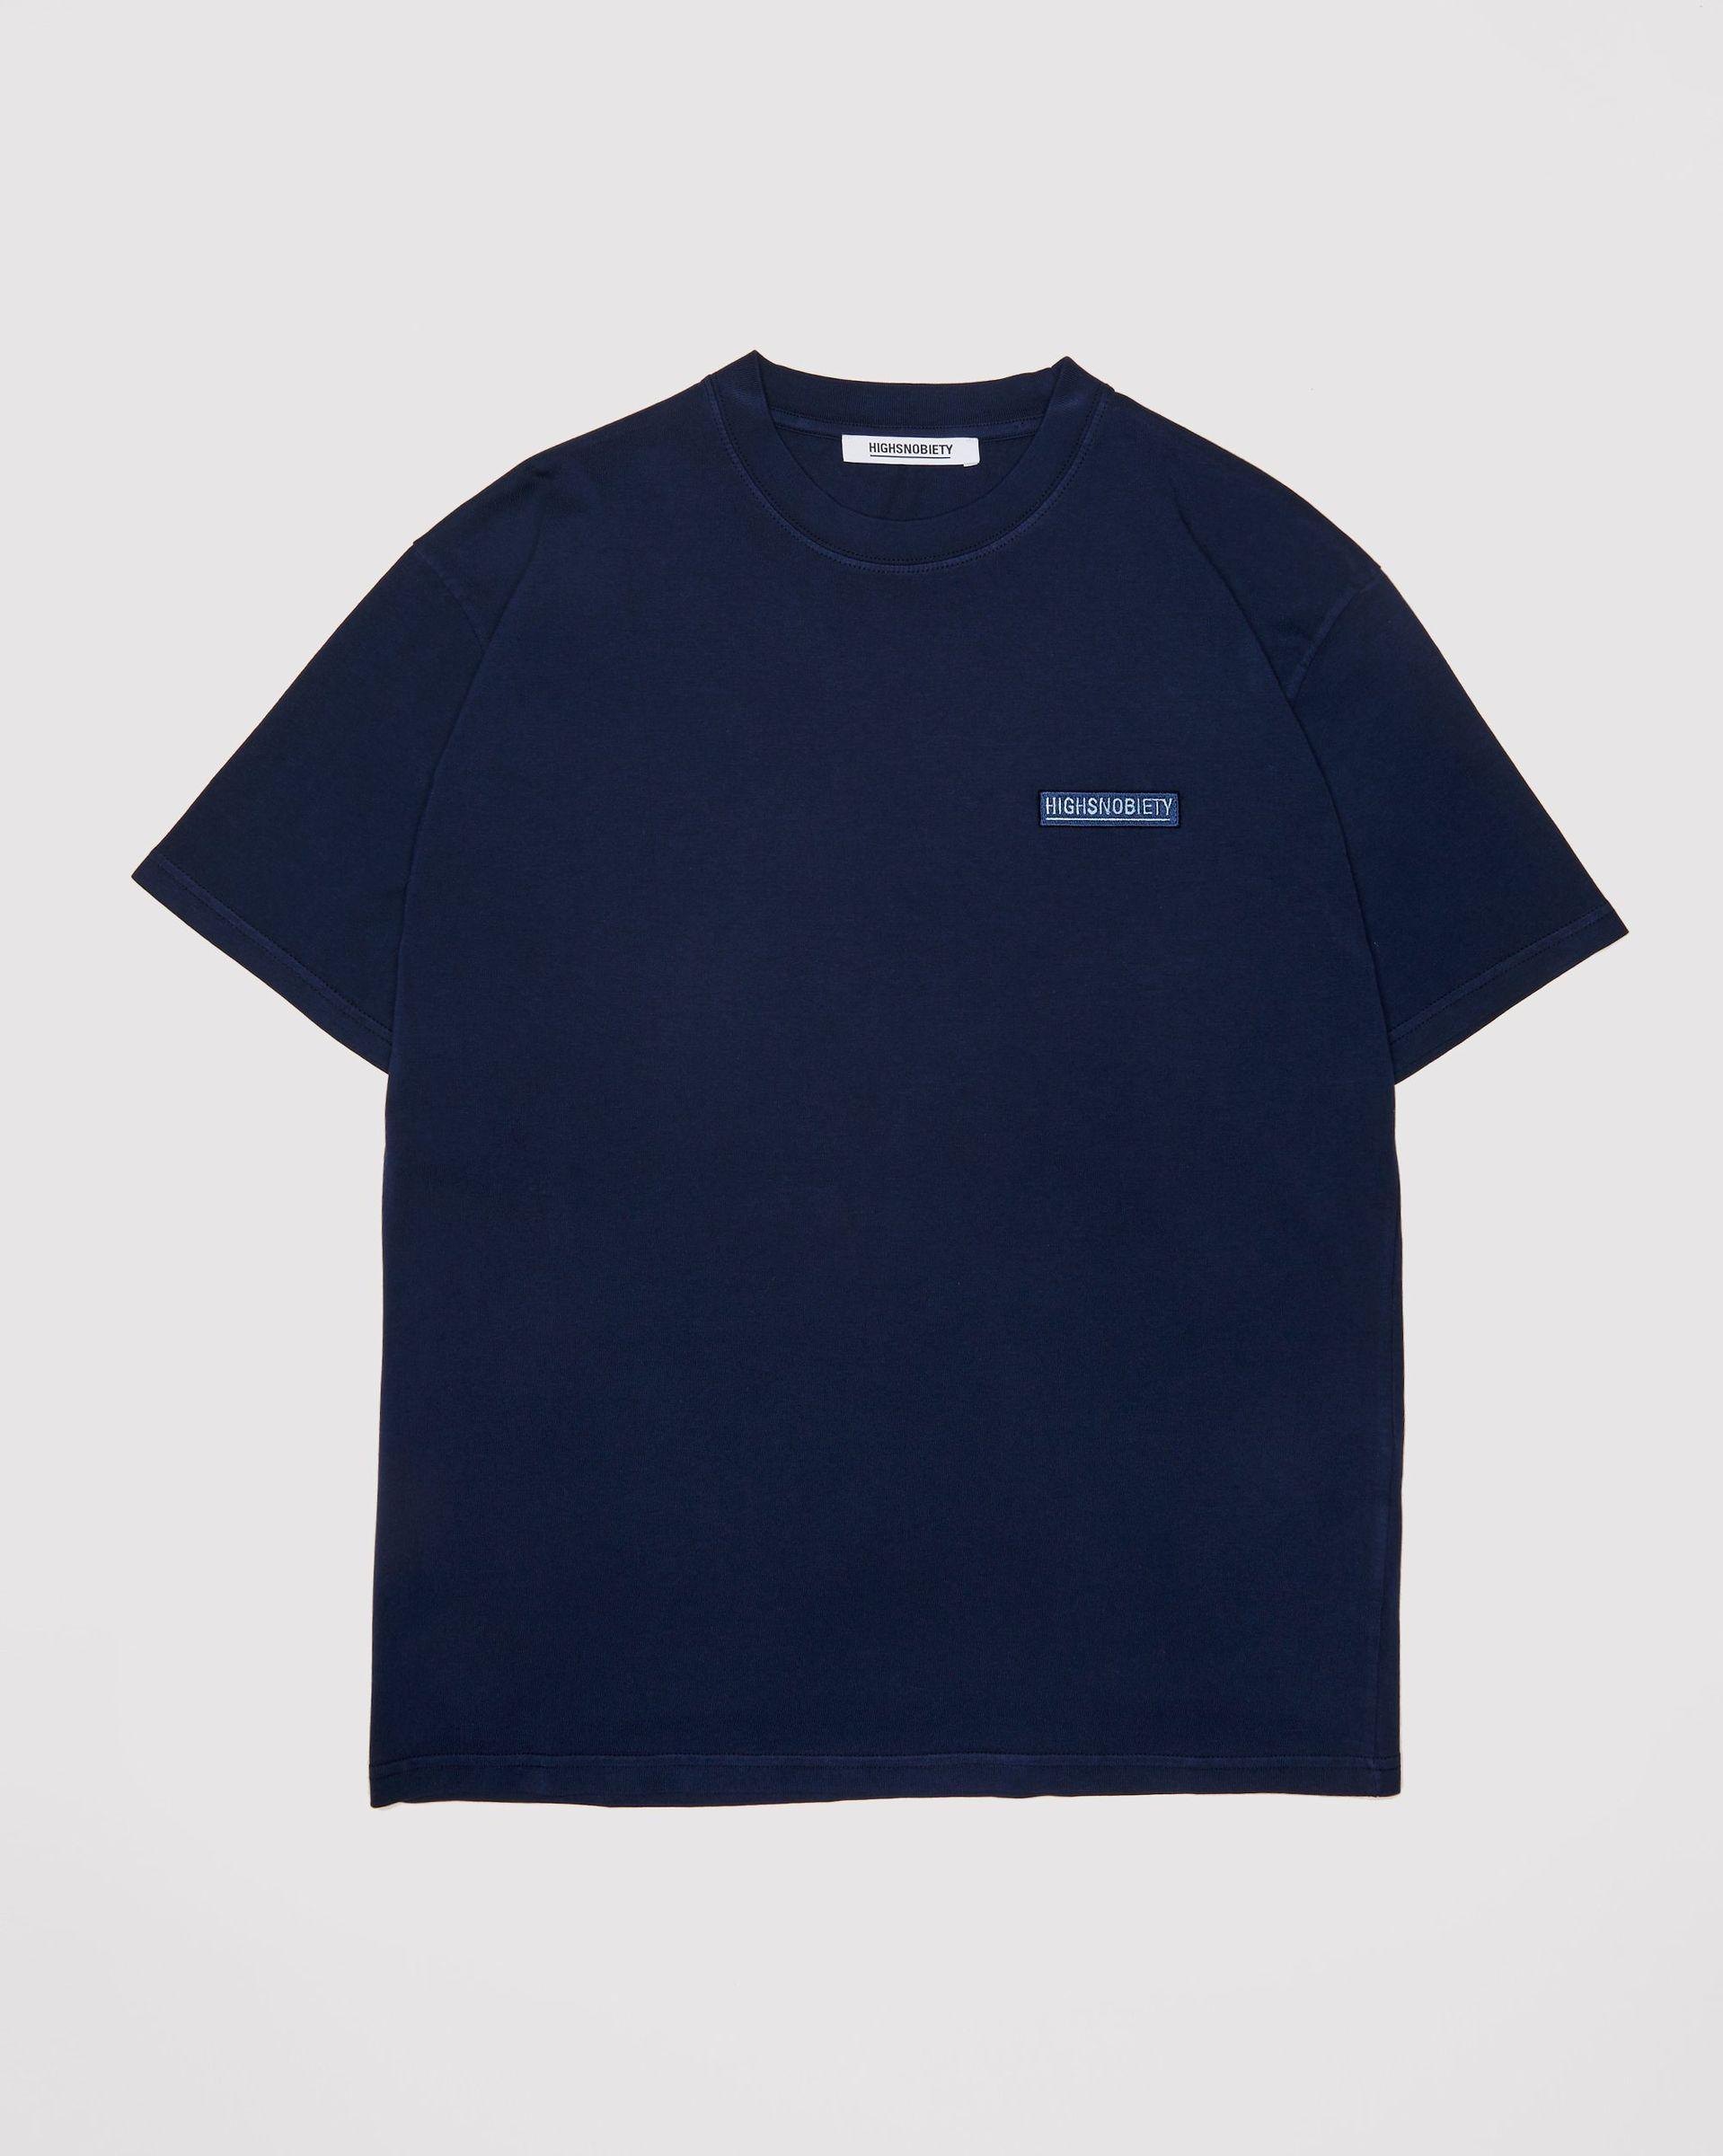 Highsnobiety Staples - T-Shirt Navy - Image 1